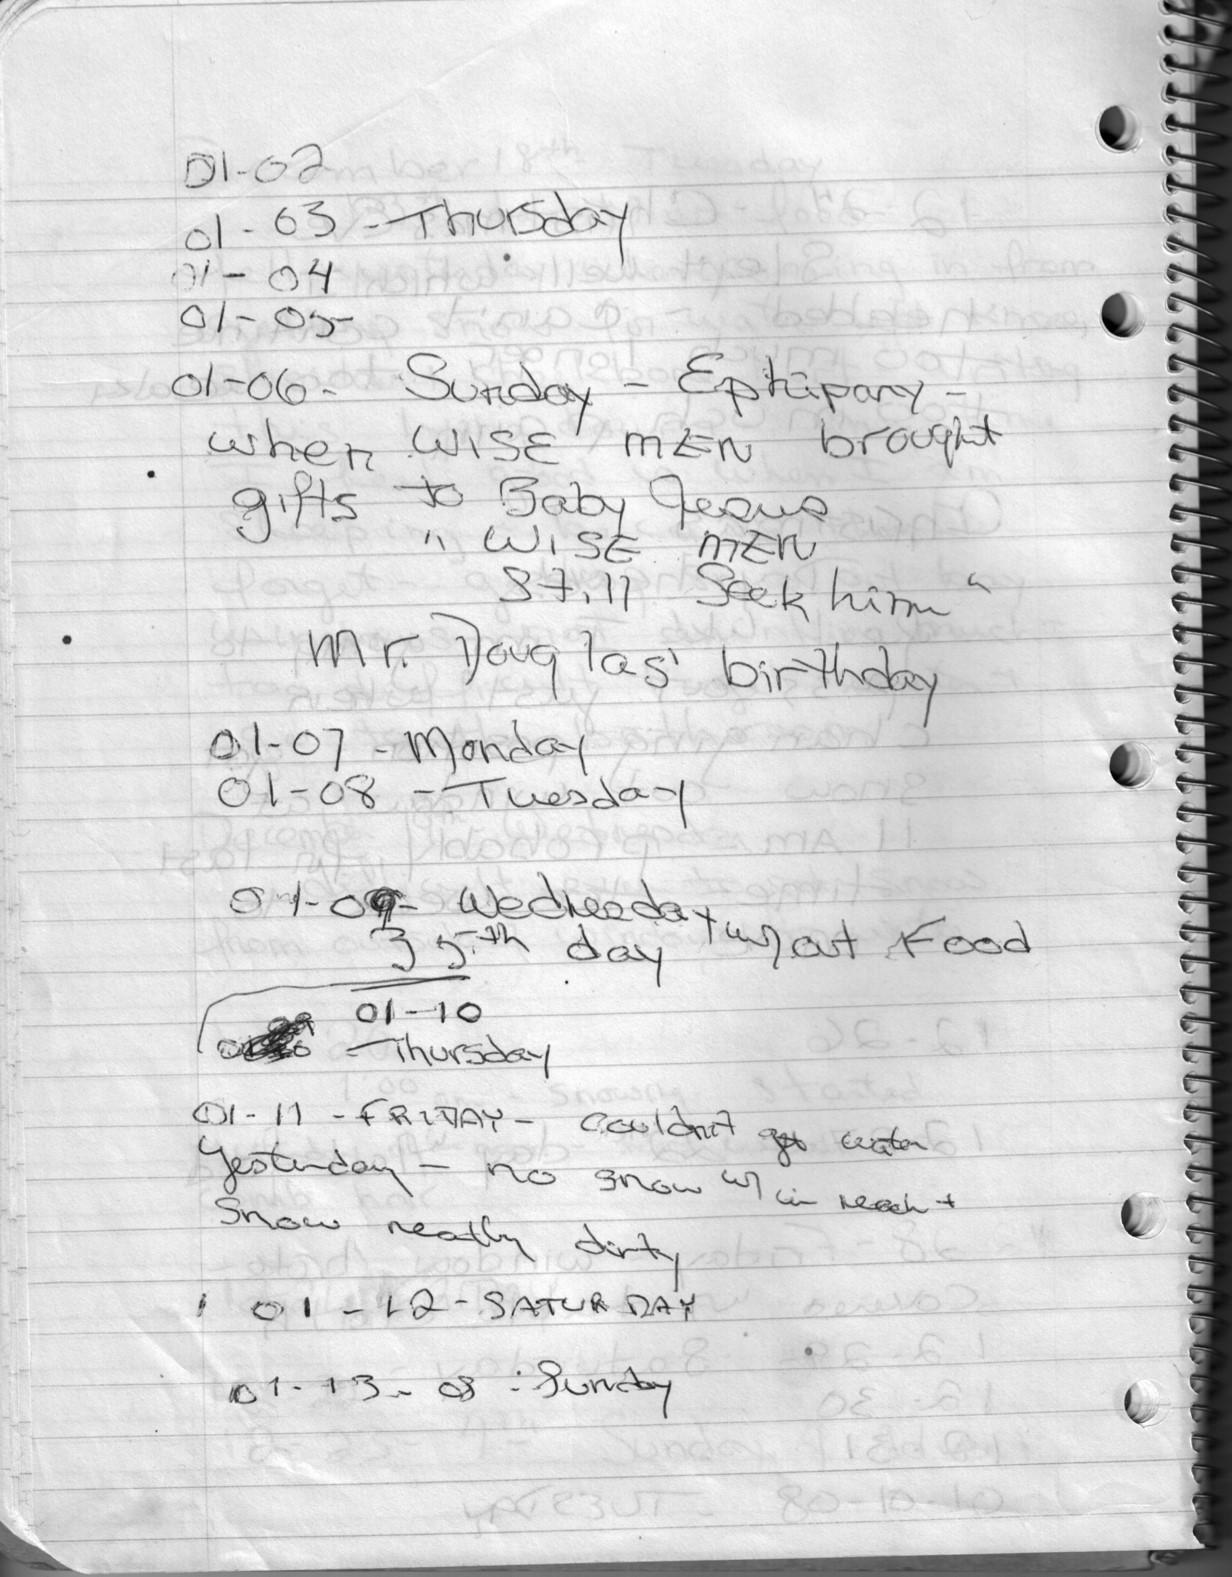 diary writing on birthday